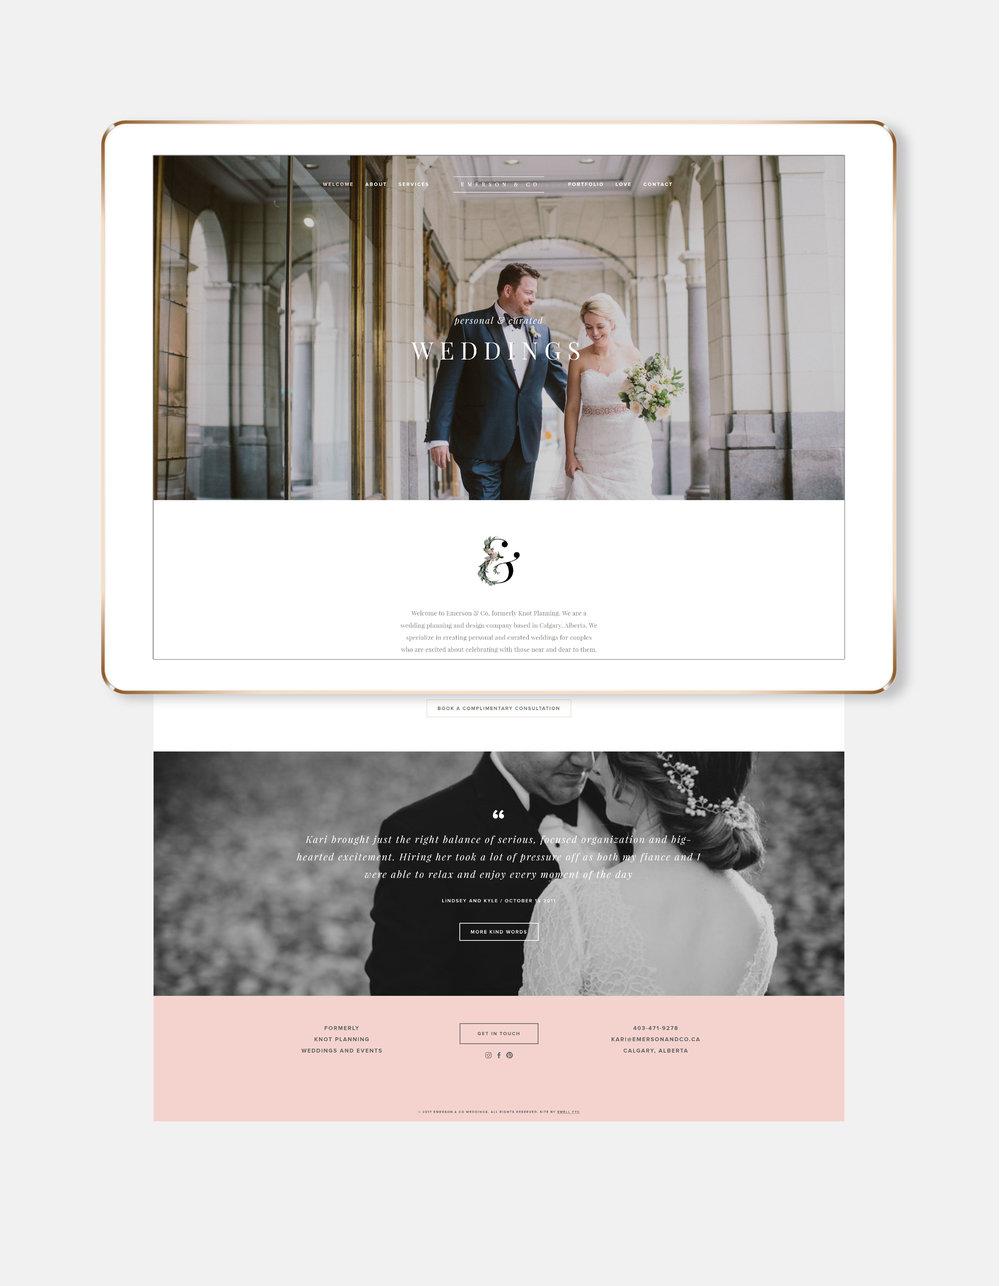 S-website-portfolio-emerson-and-co-website-02.jpg